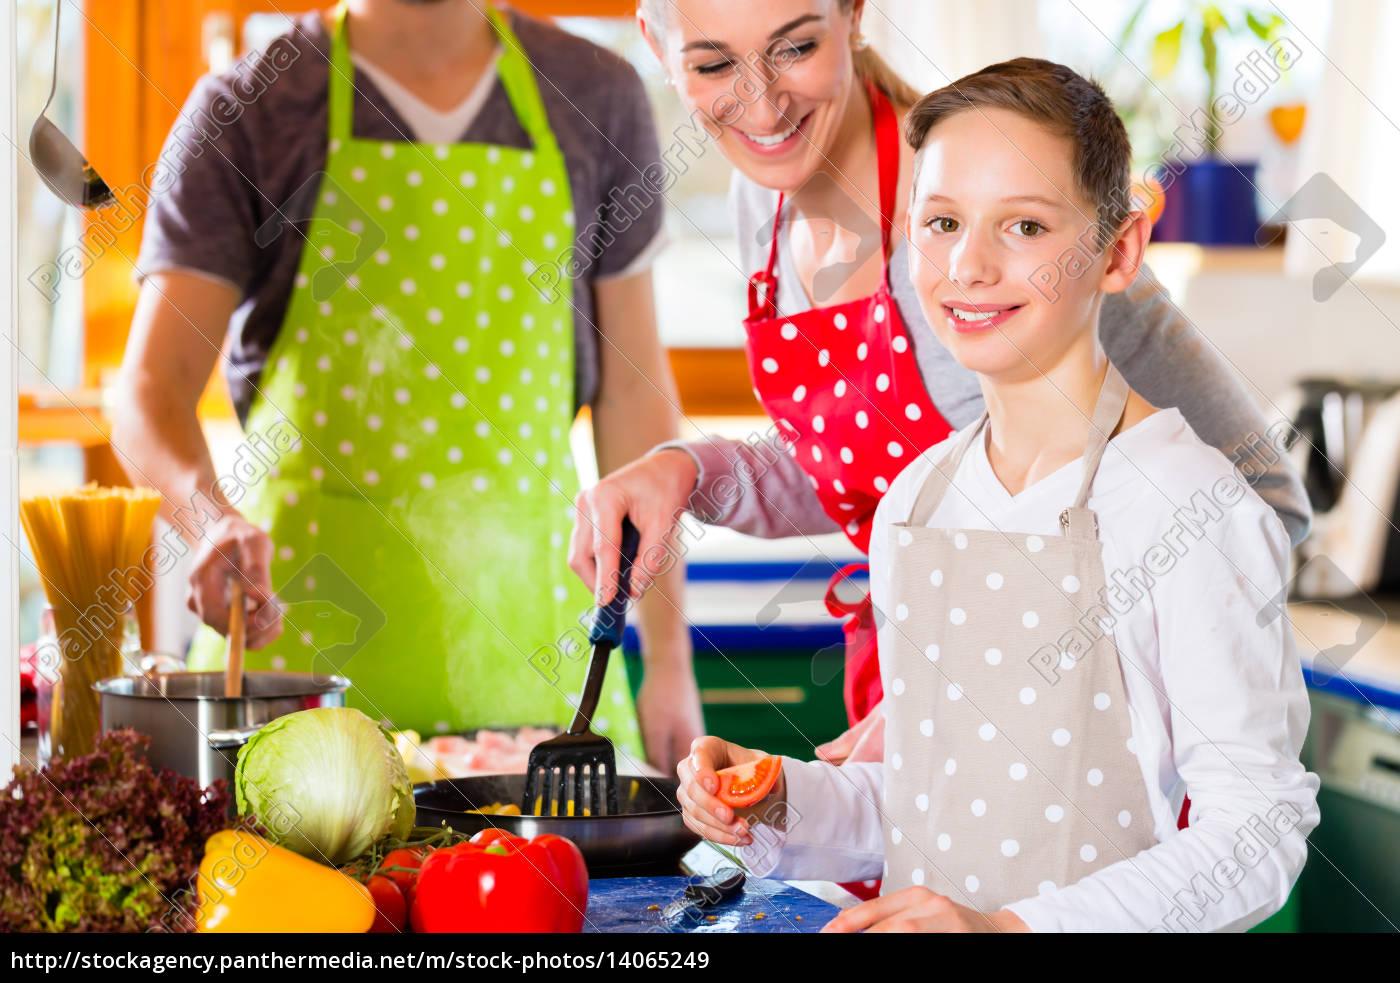 familie, kocht, in, küche, gesundes, essen - 14065249